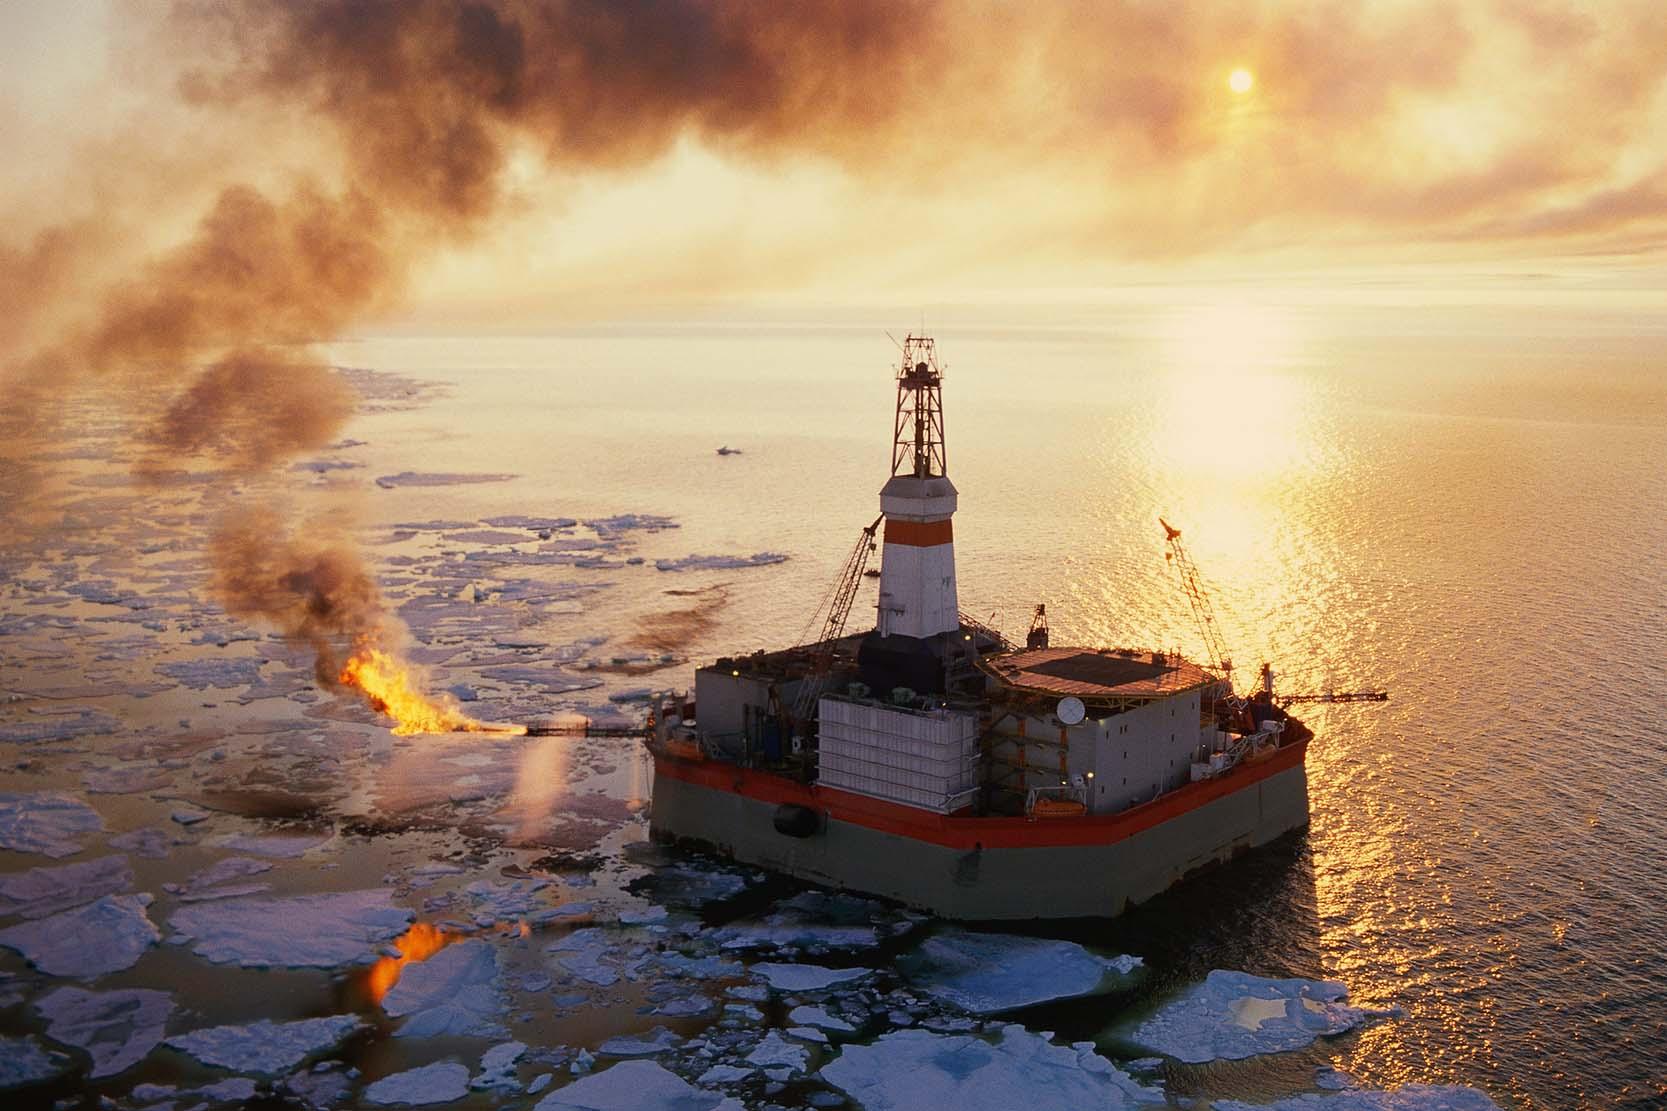 Prevenção e limpeza de derramamentos de óleo nas águas do Ártico 2